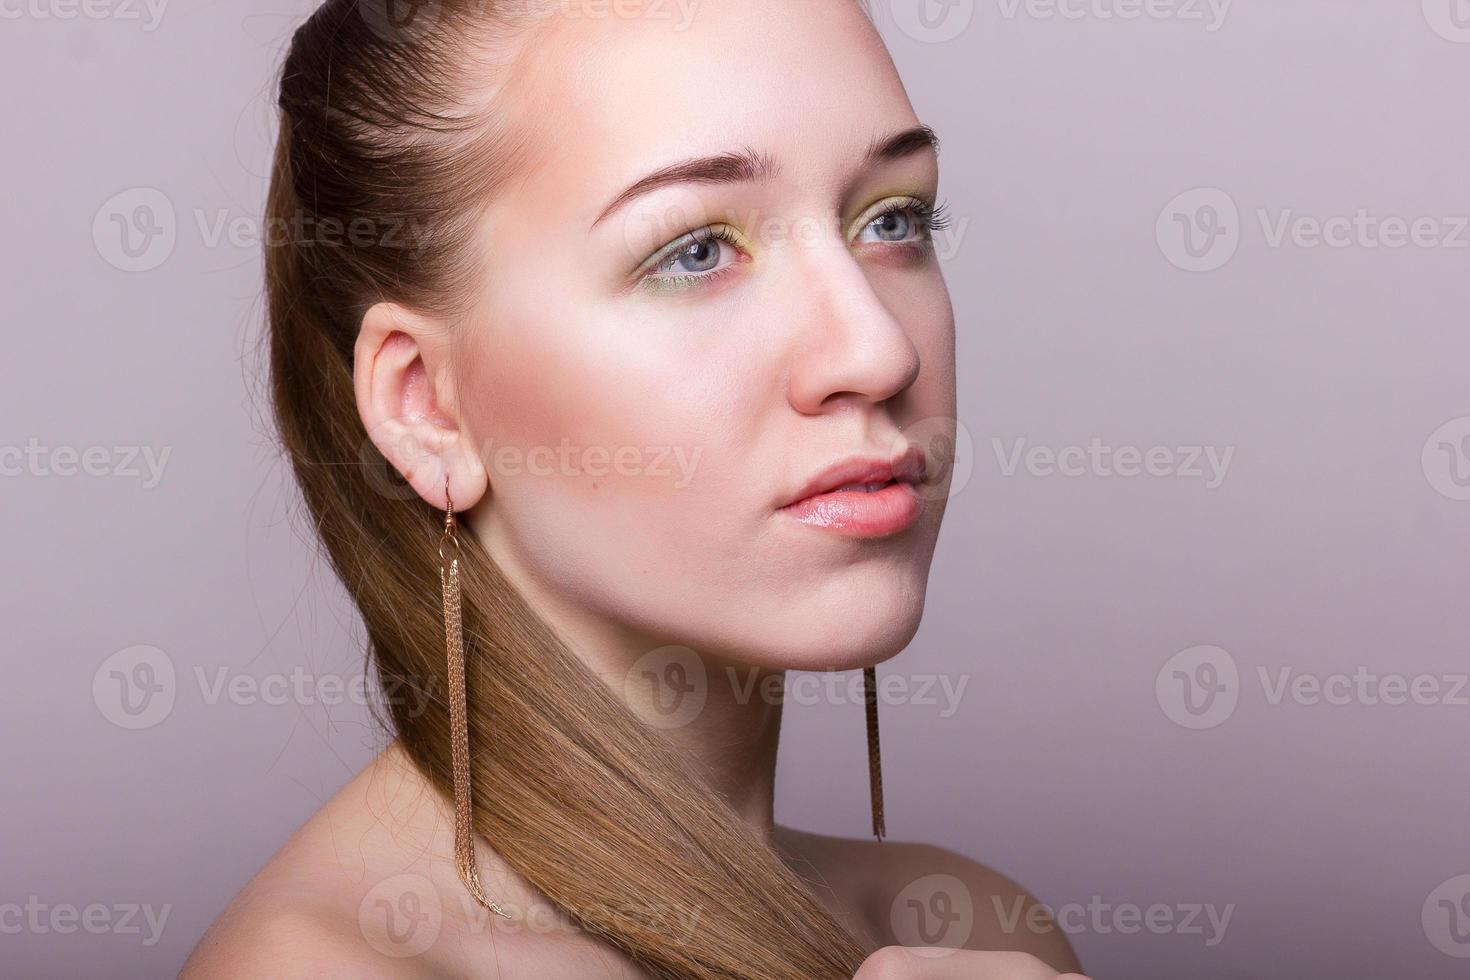 retrato de estúdio de uma bela jovem foto